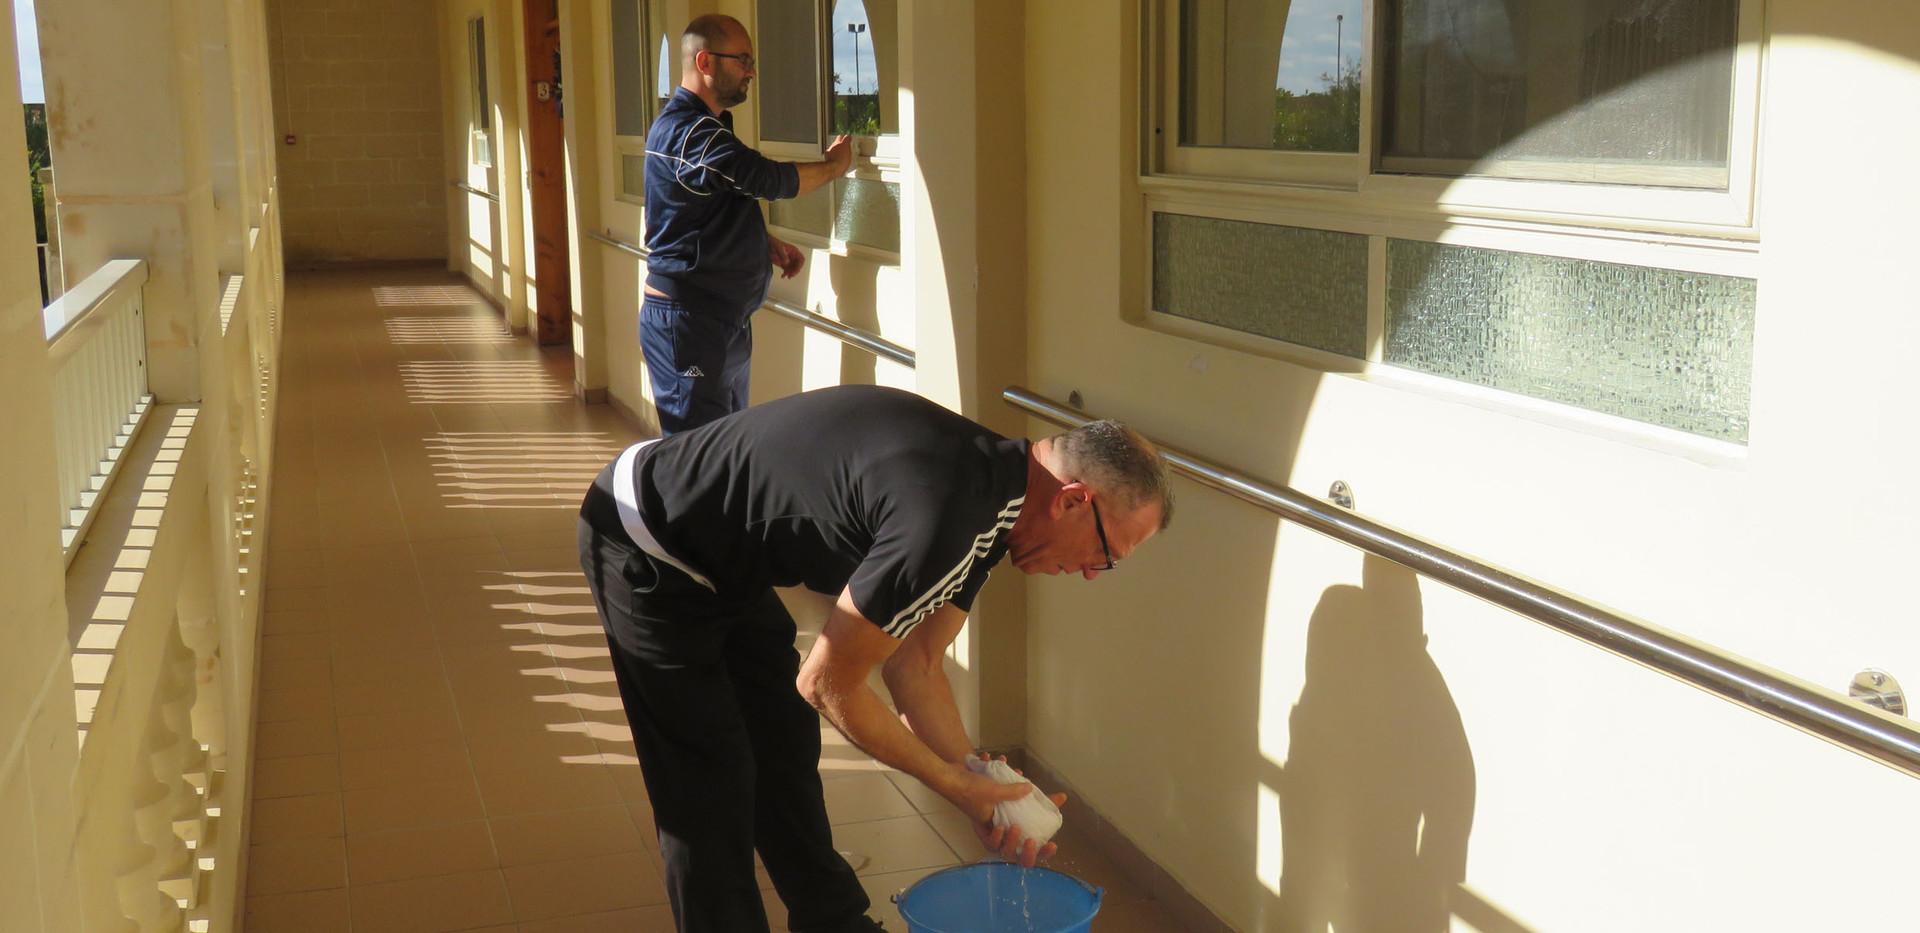 Voluntary work in Dar tal-Providenza